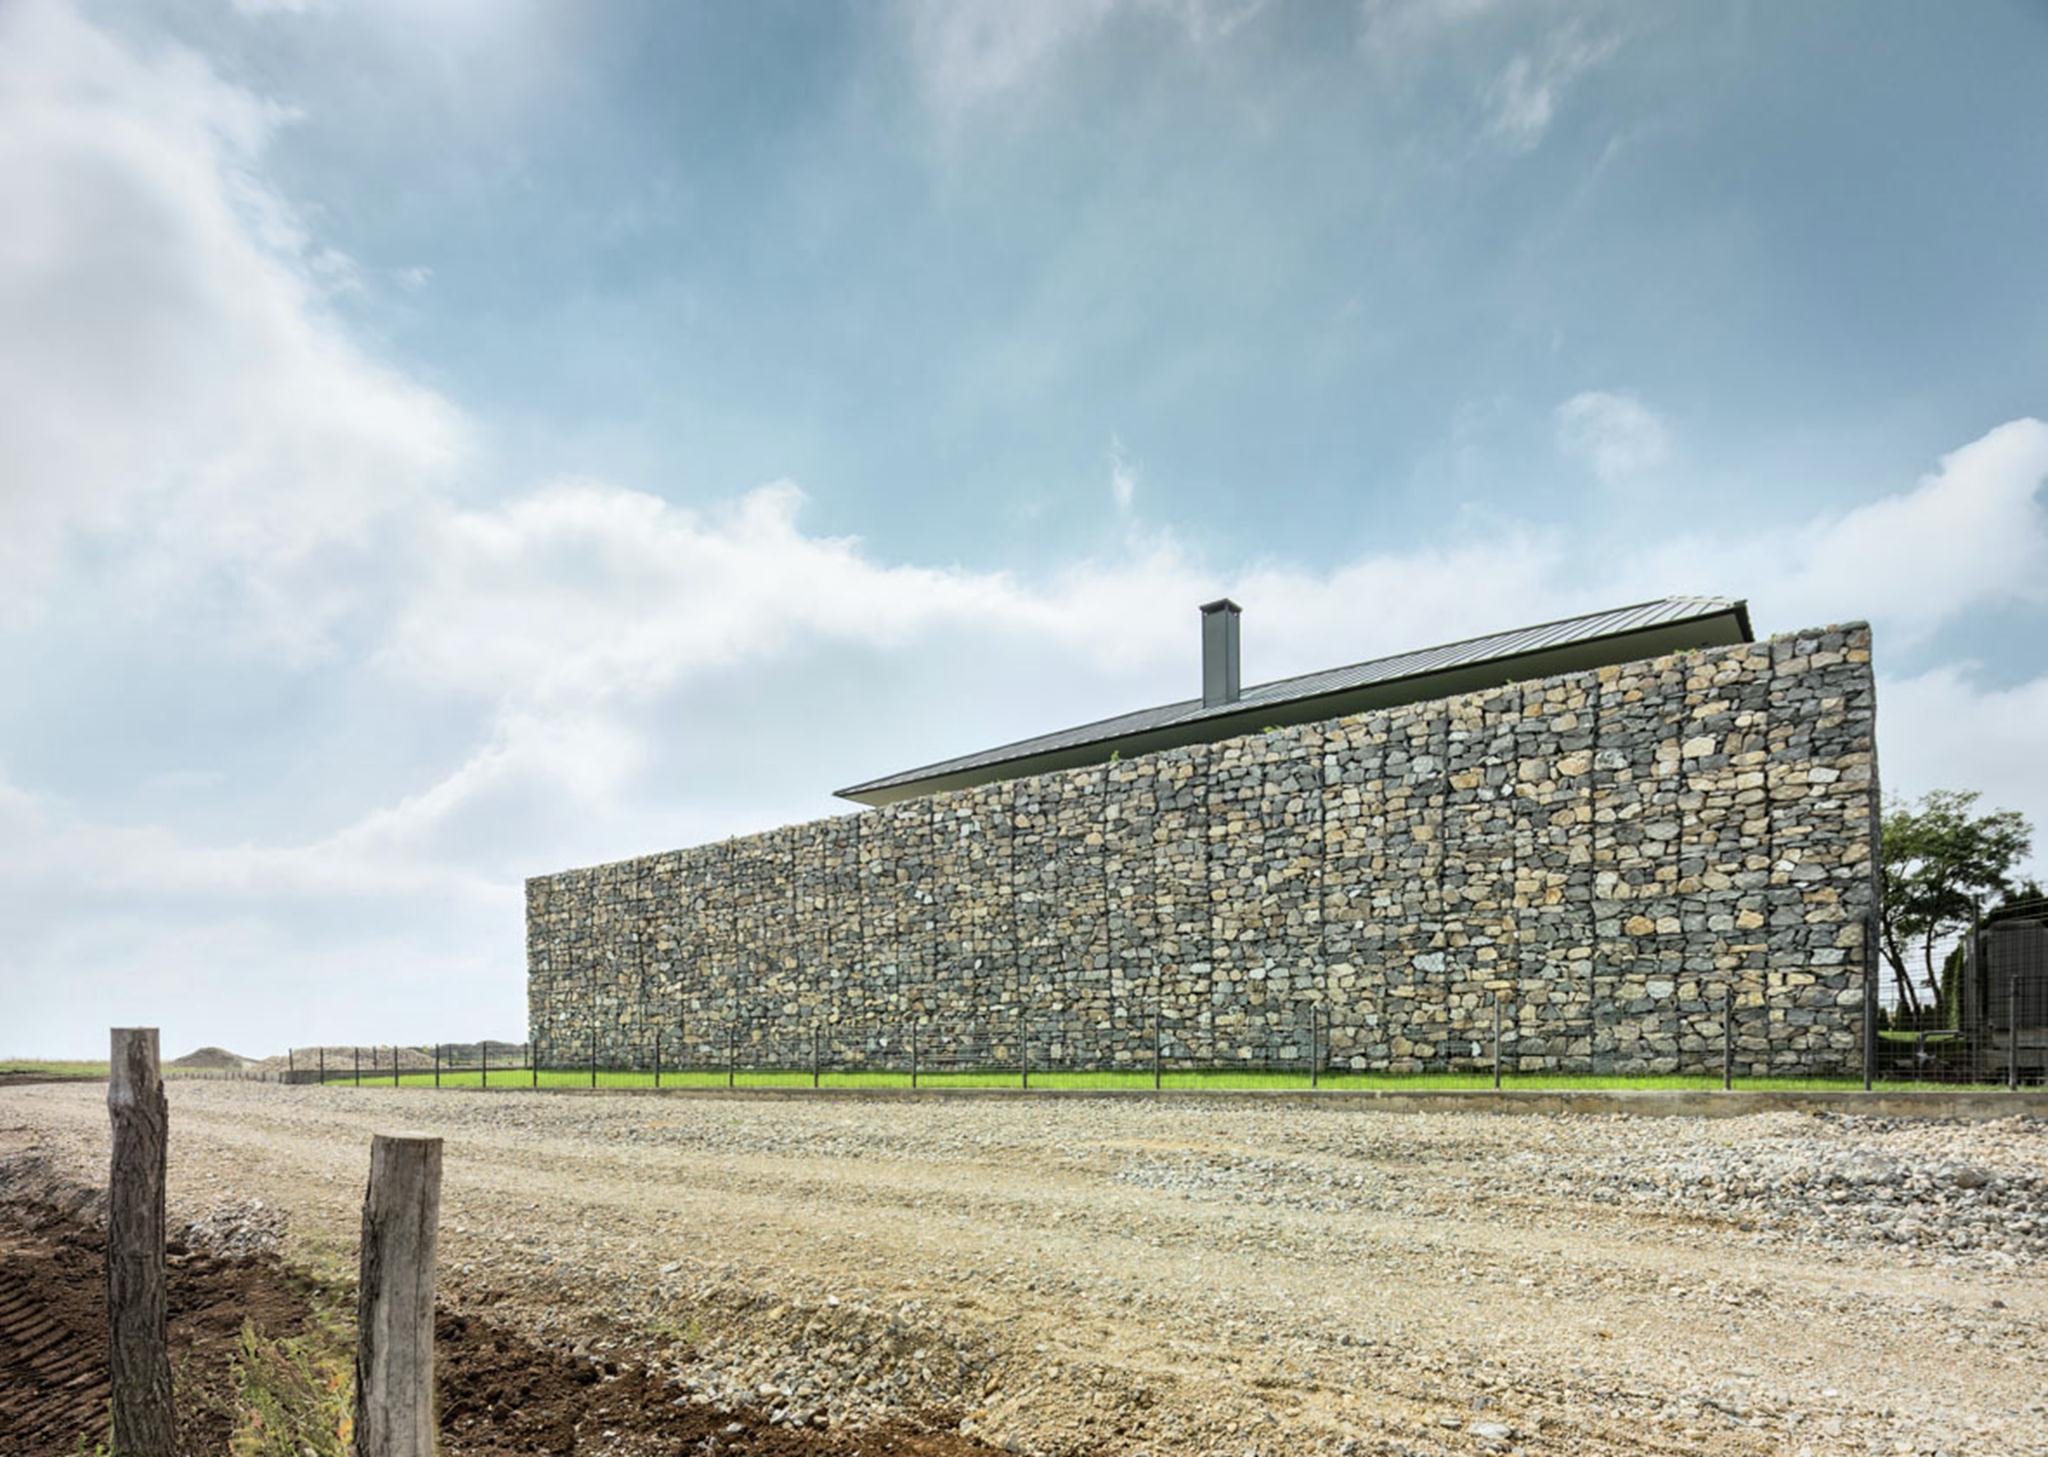 Những bức tường được xây dựng bằng đá sẽ tạo ra sự cổ kính cho ngôi biệt thự.